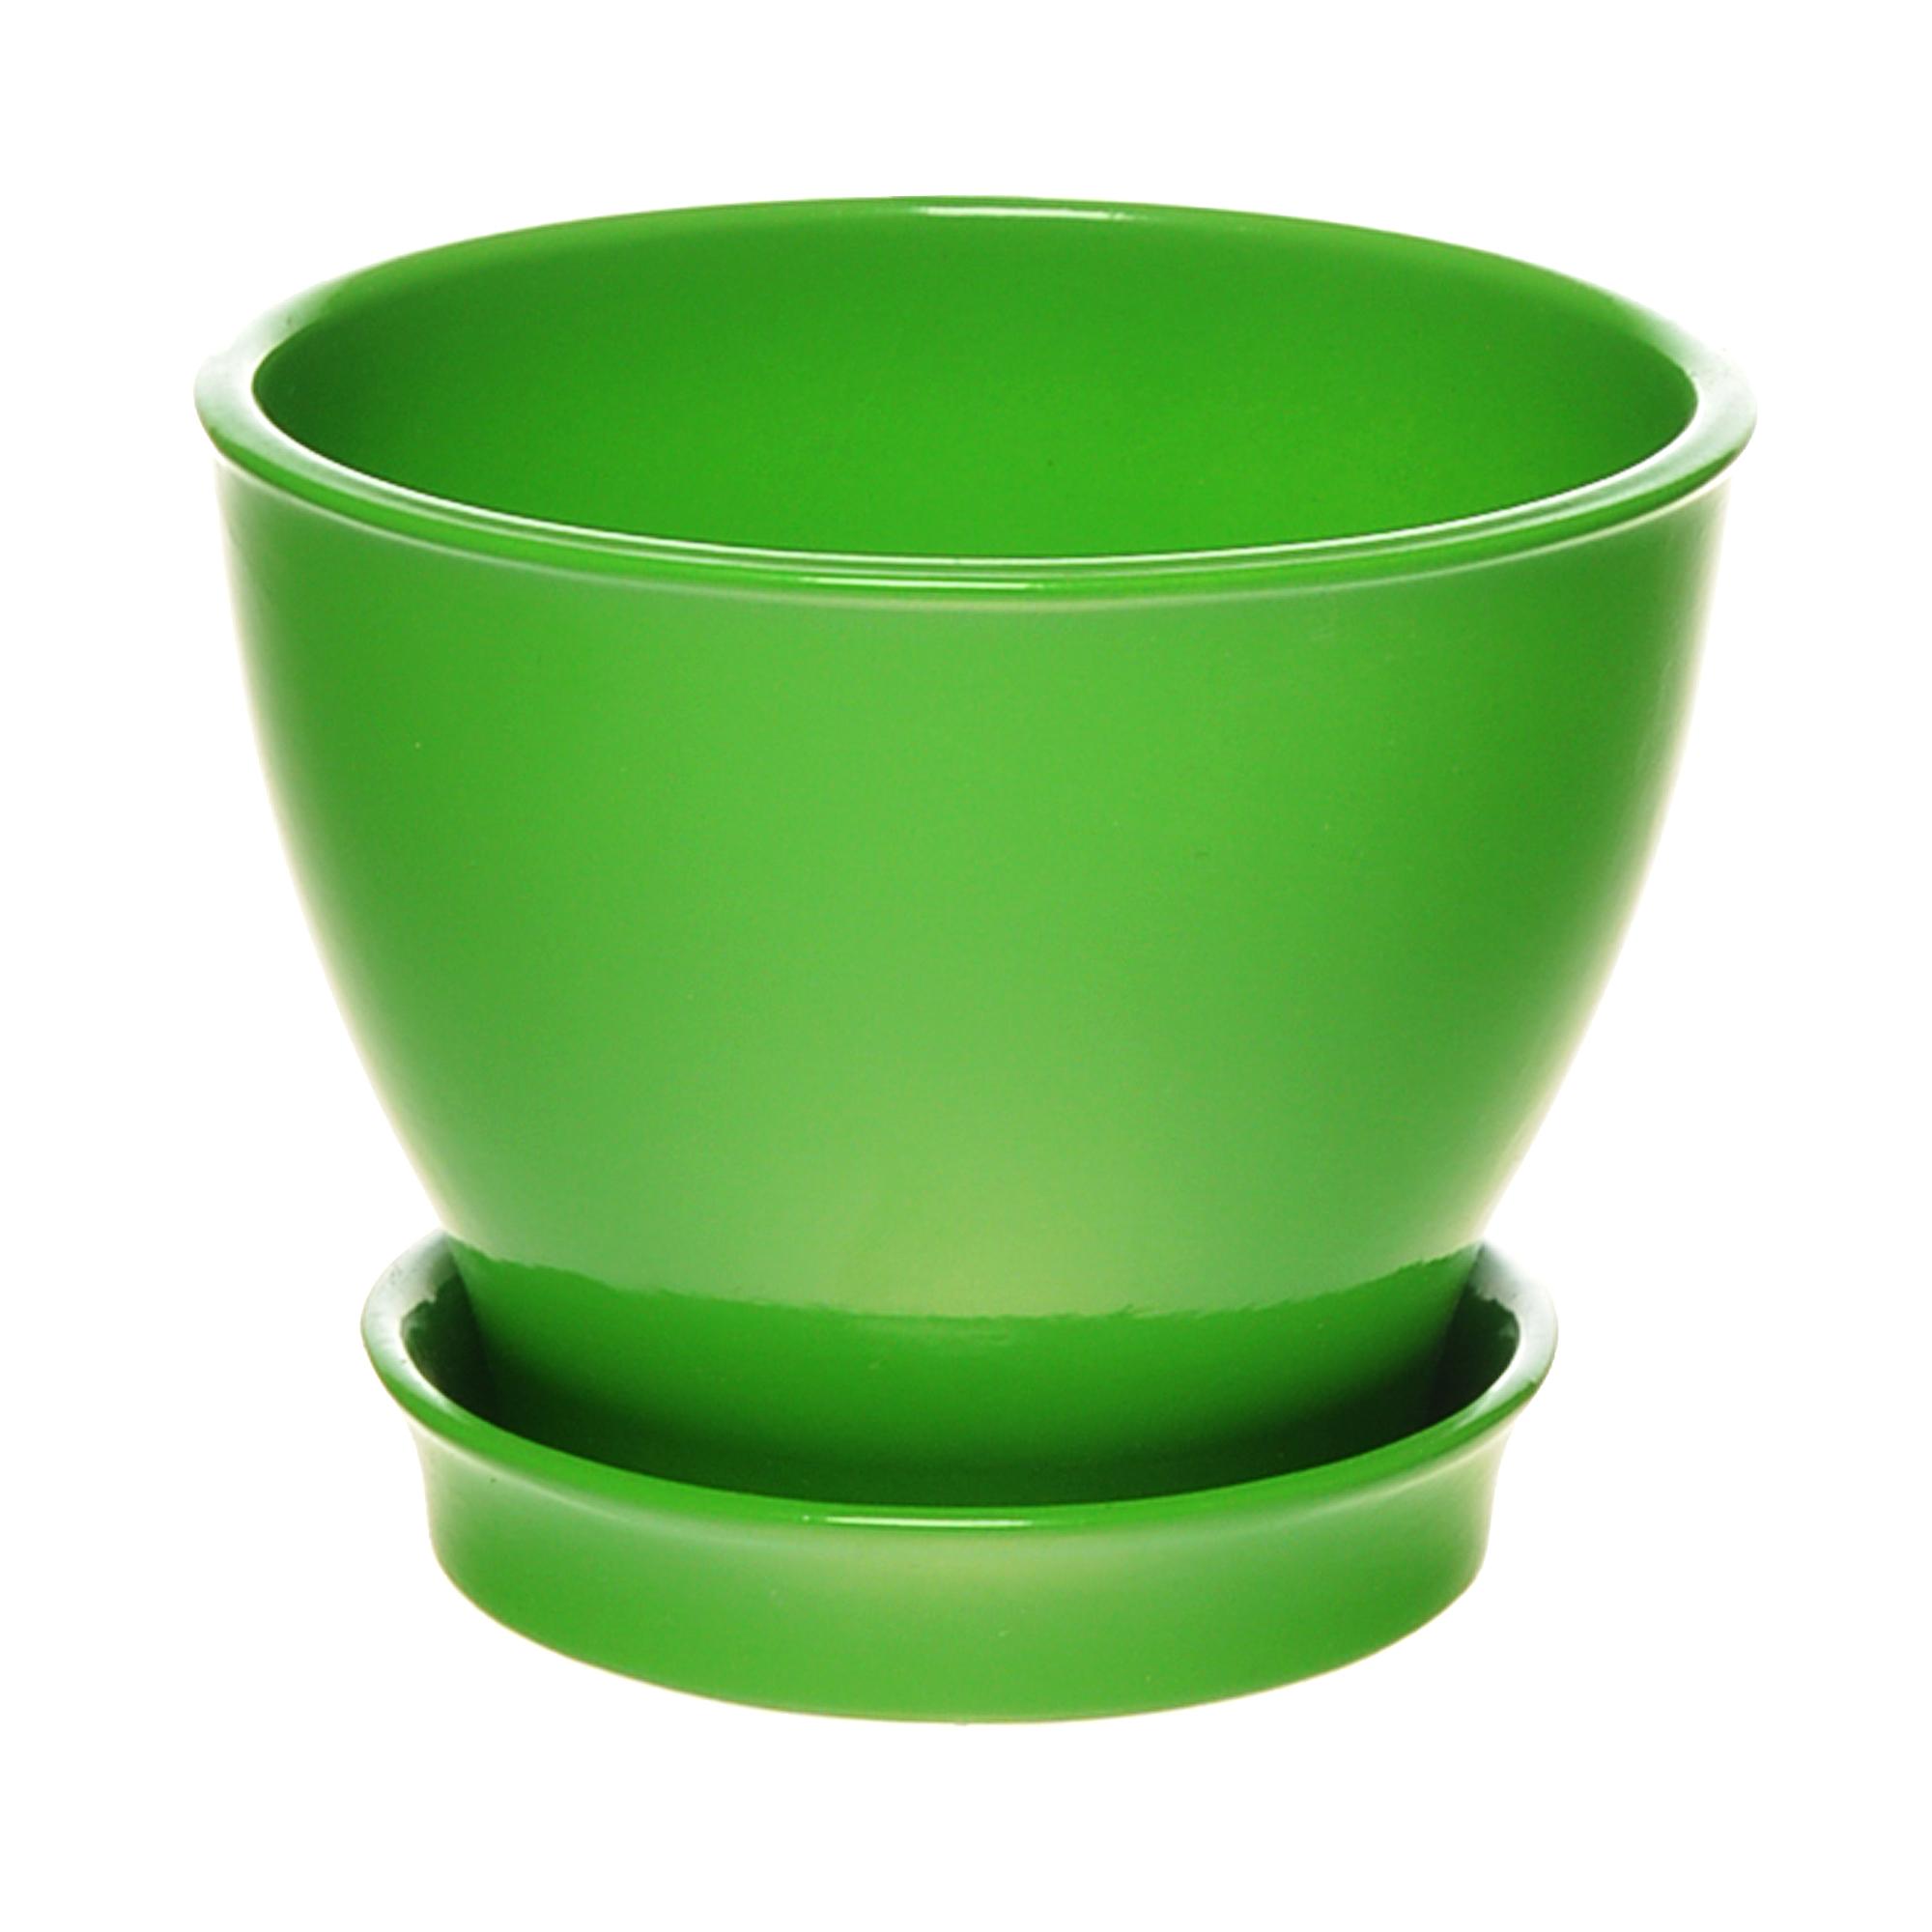 Фото - Горшок с поддоном керамический для цветов Керам Ксения глянец зеленый 9см горшок с поддоном керамический для цветов керам ксения глянец зеленый 9см